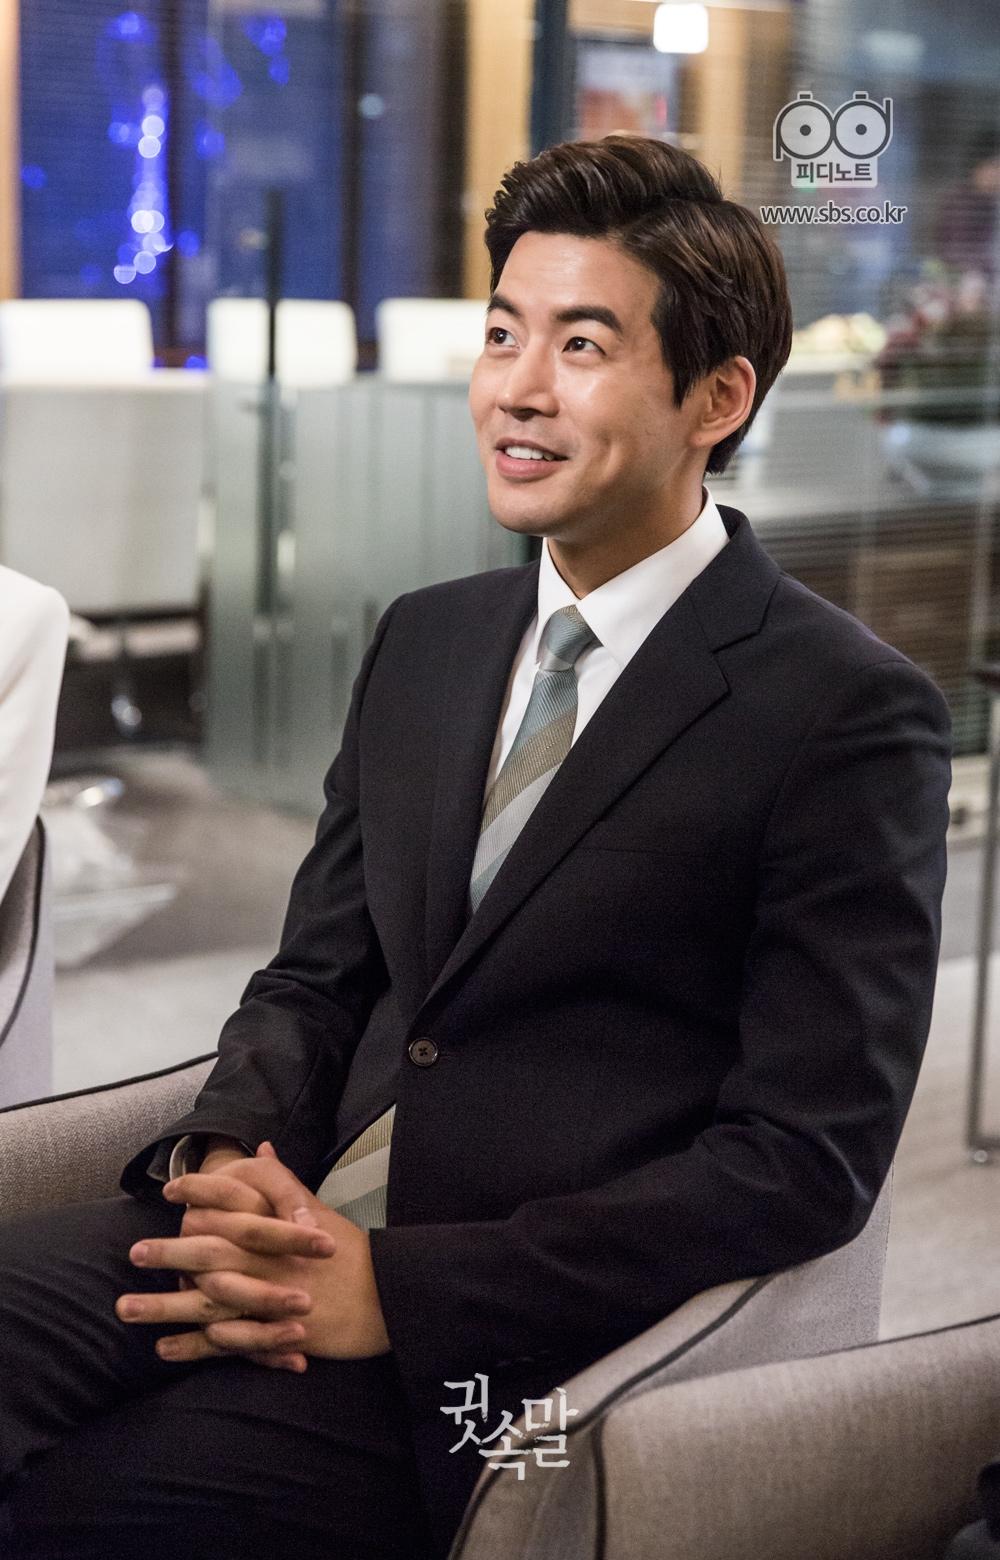 의자에 앉아 밝은 미소로 v앱 인터뷰를 하는 이상윤 이미지